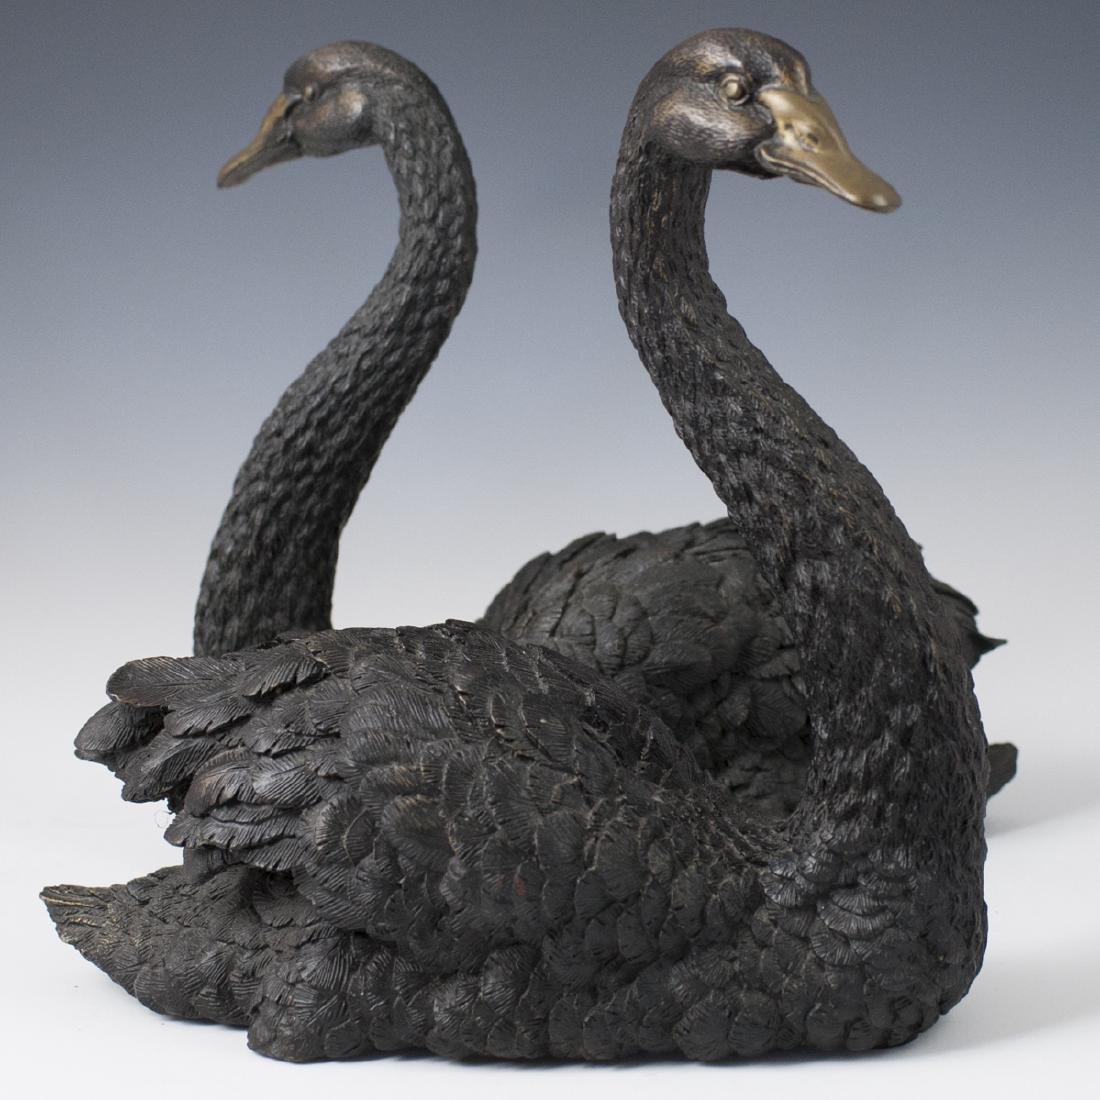 Antique Bronze Swan Sculptures - 5